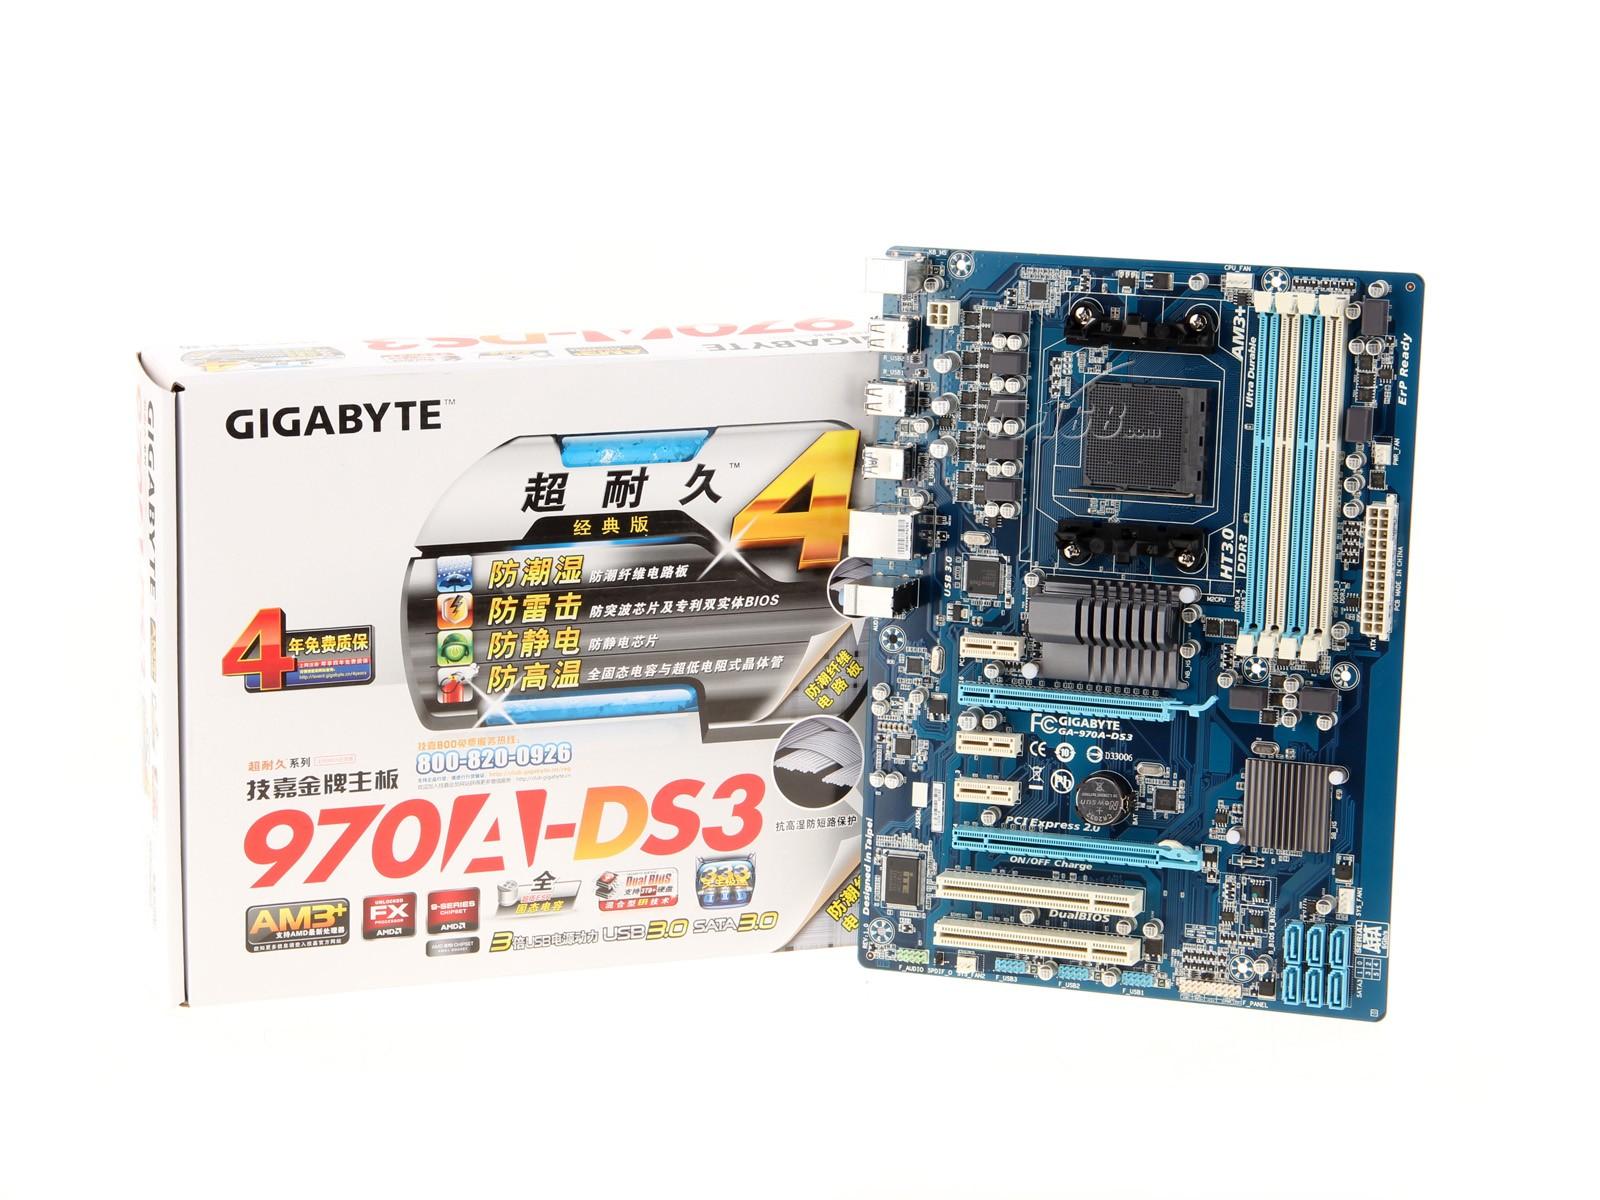 技嘉ga-970a-d3主板产品图片18